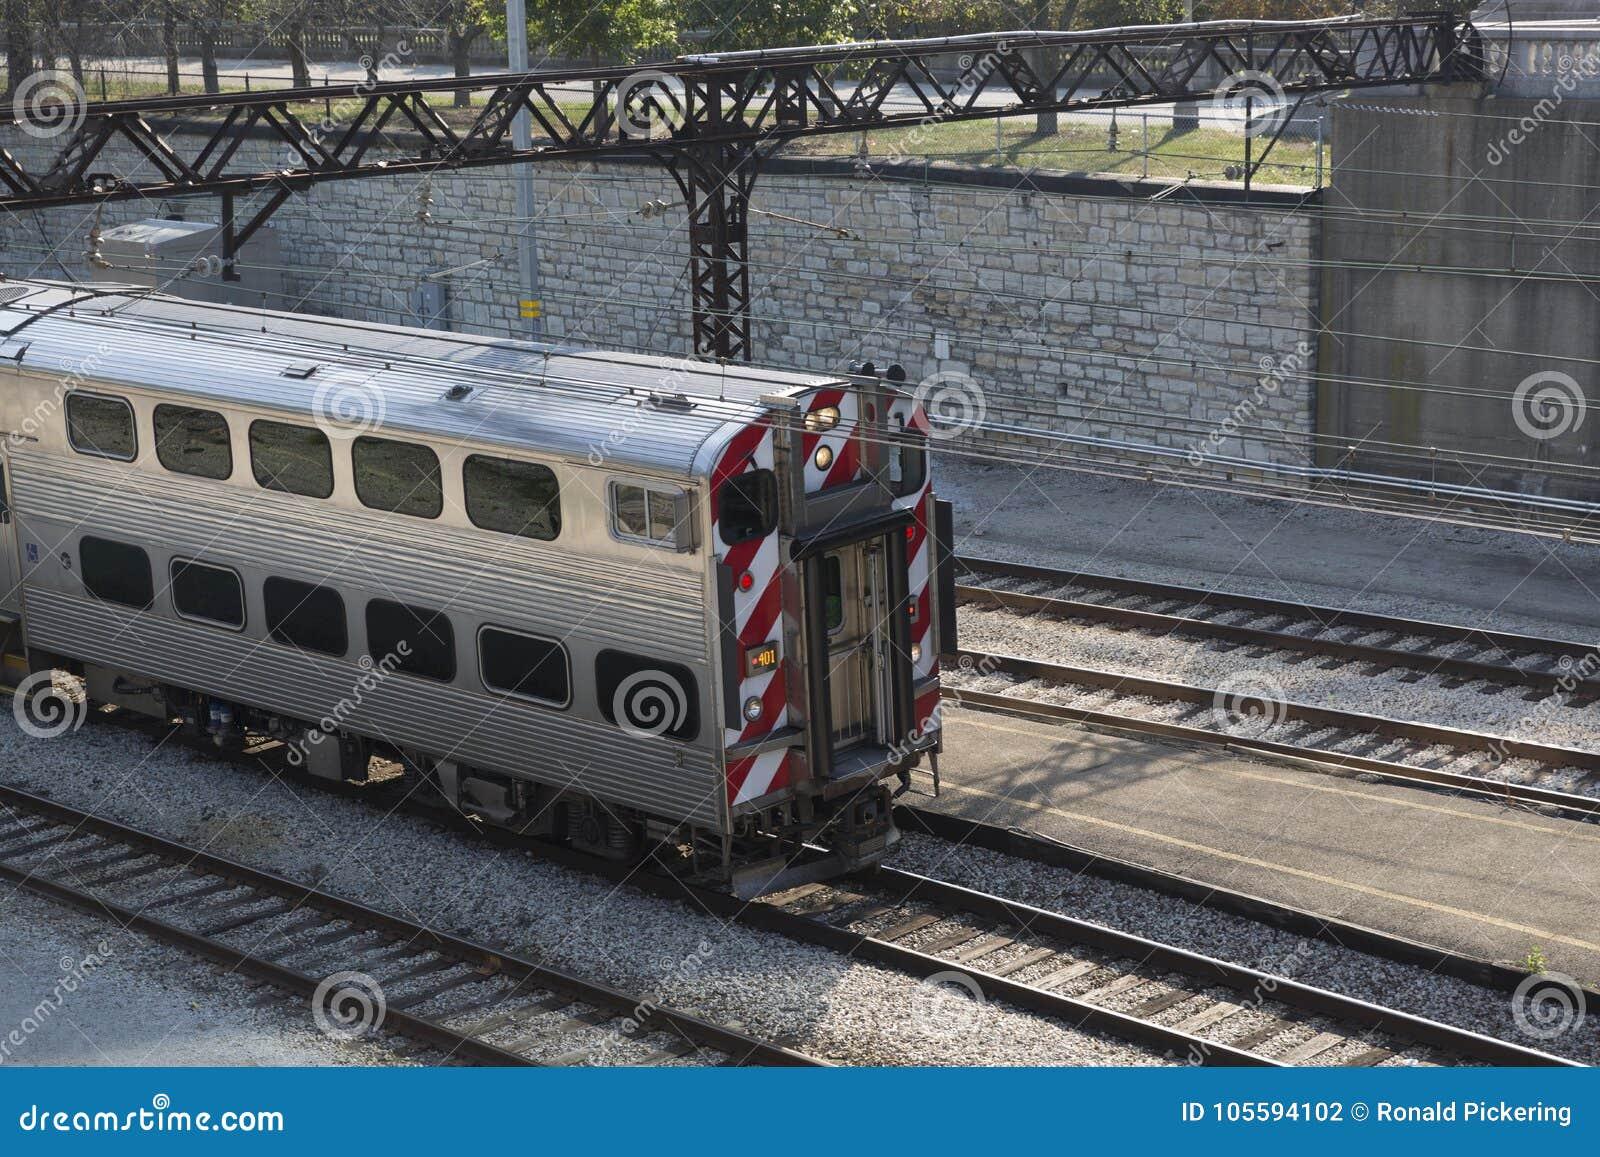 Αμαξοστοιχία περιφερειακού σιδηροδρόμου στο ναυπηγείο Σικάγο